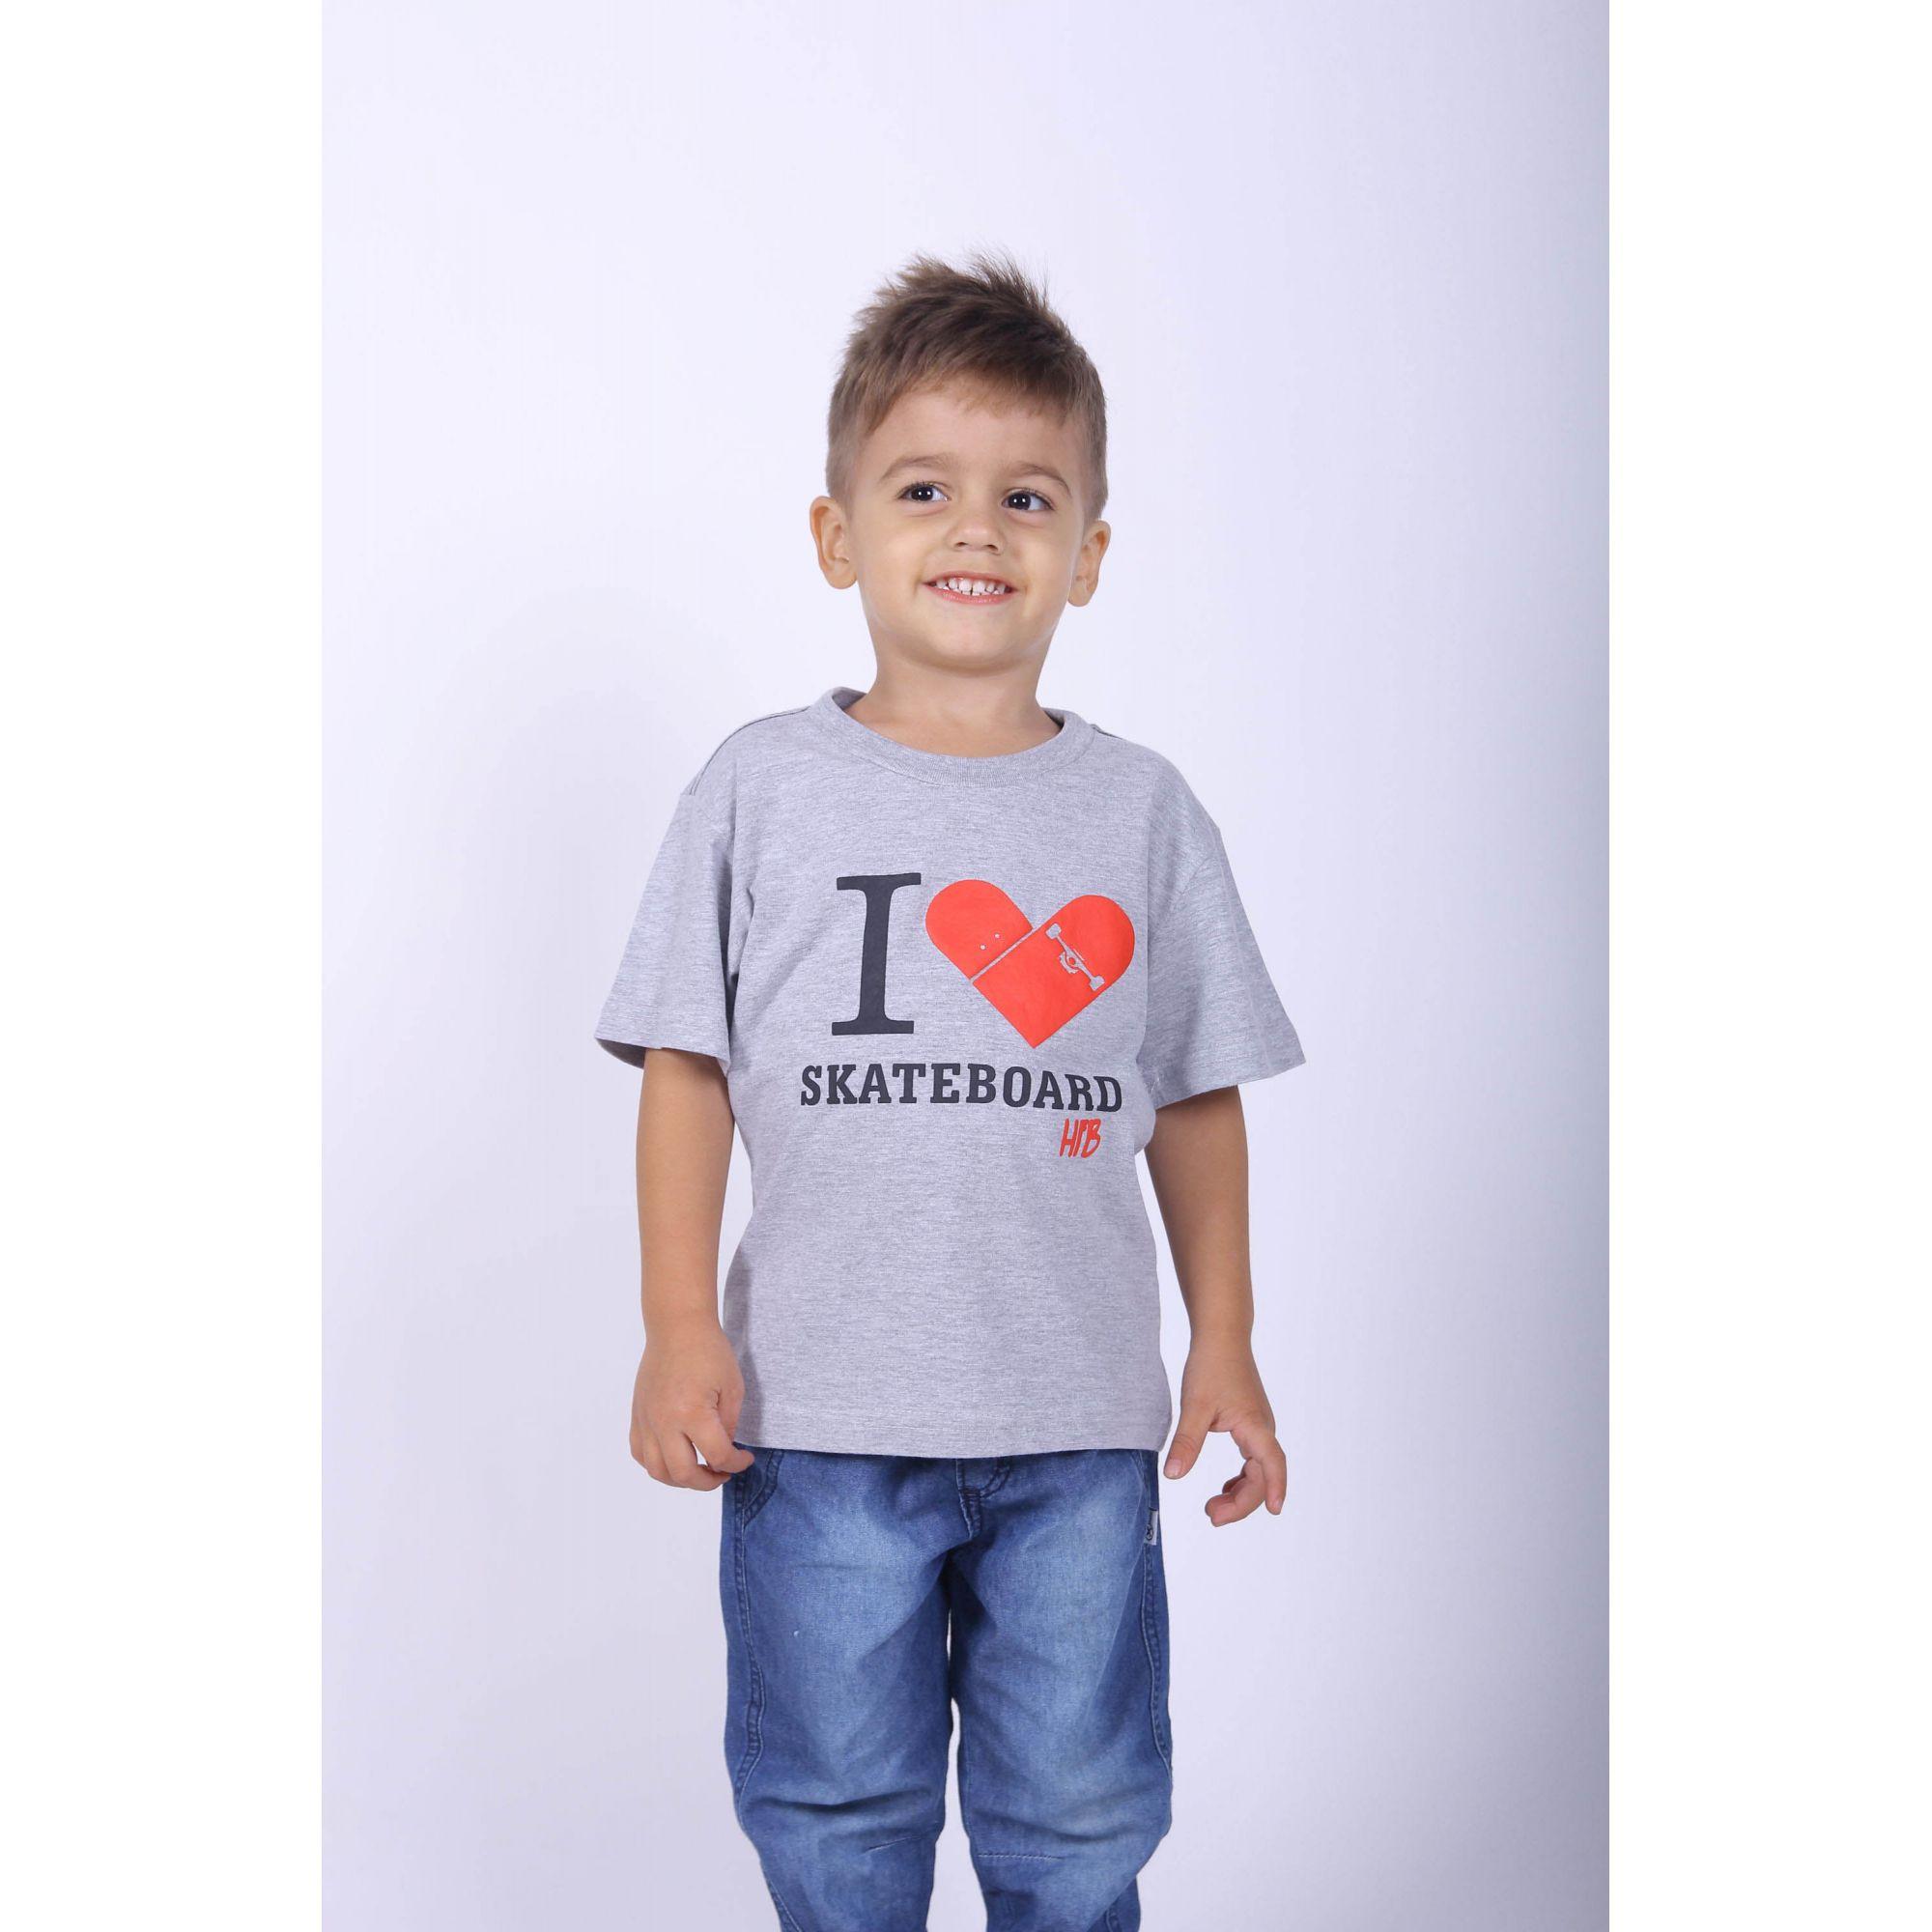 PAI E FILHO> 02 Camisetas - I-Love - Skate  [Coleção Tal Pai Tal Filho]  - Heitor Fashion Brazil